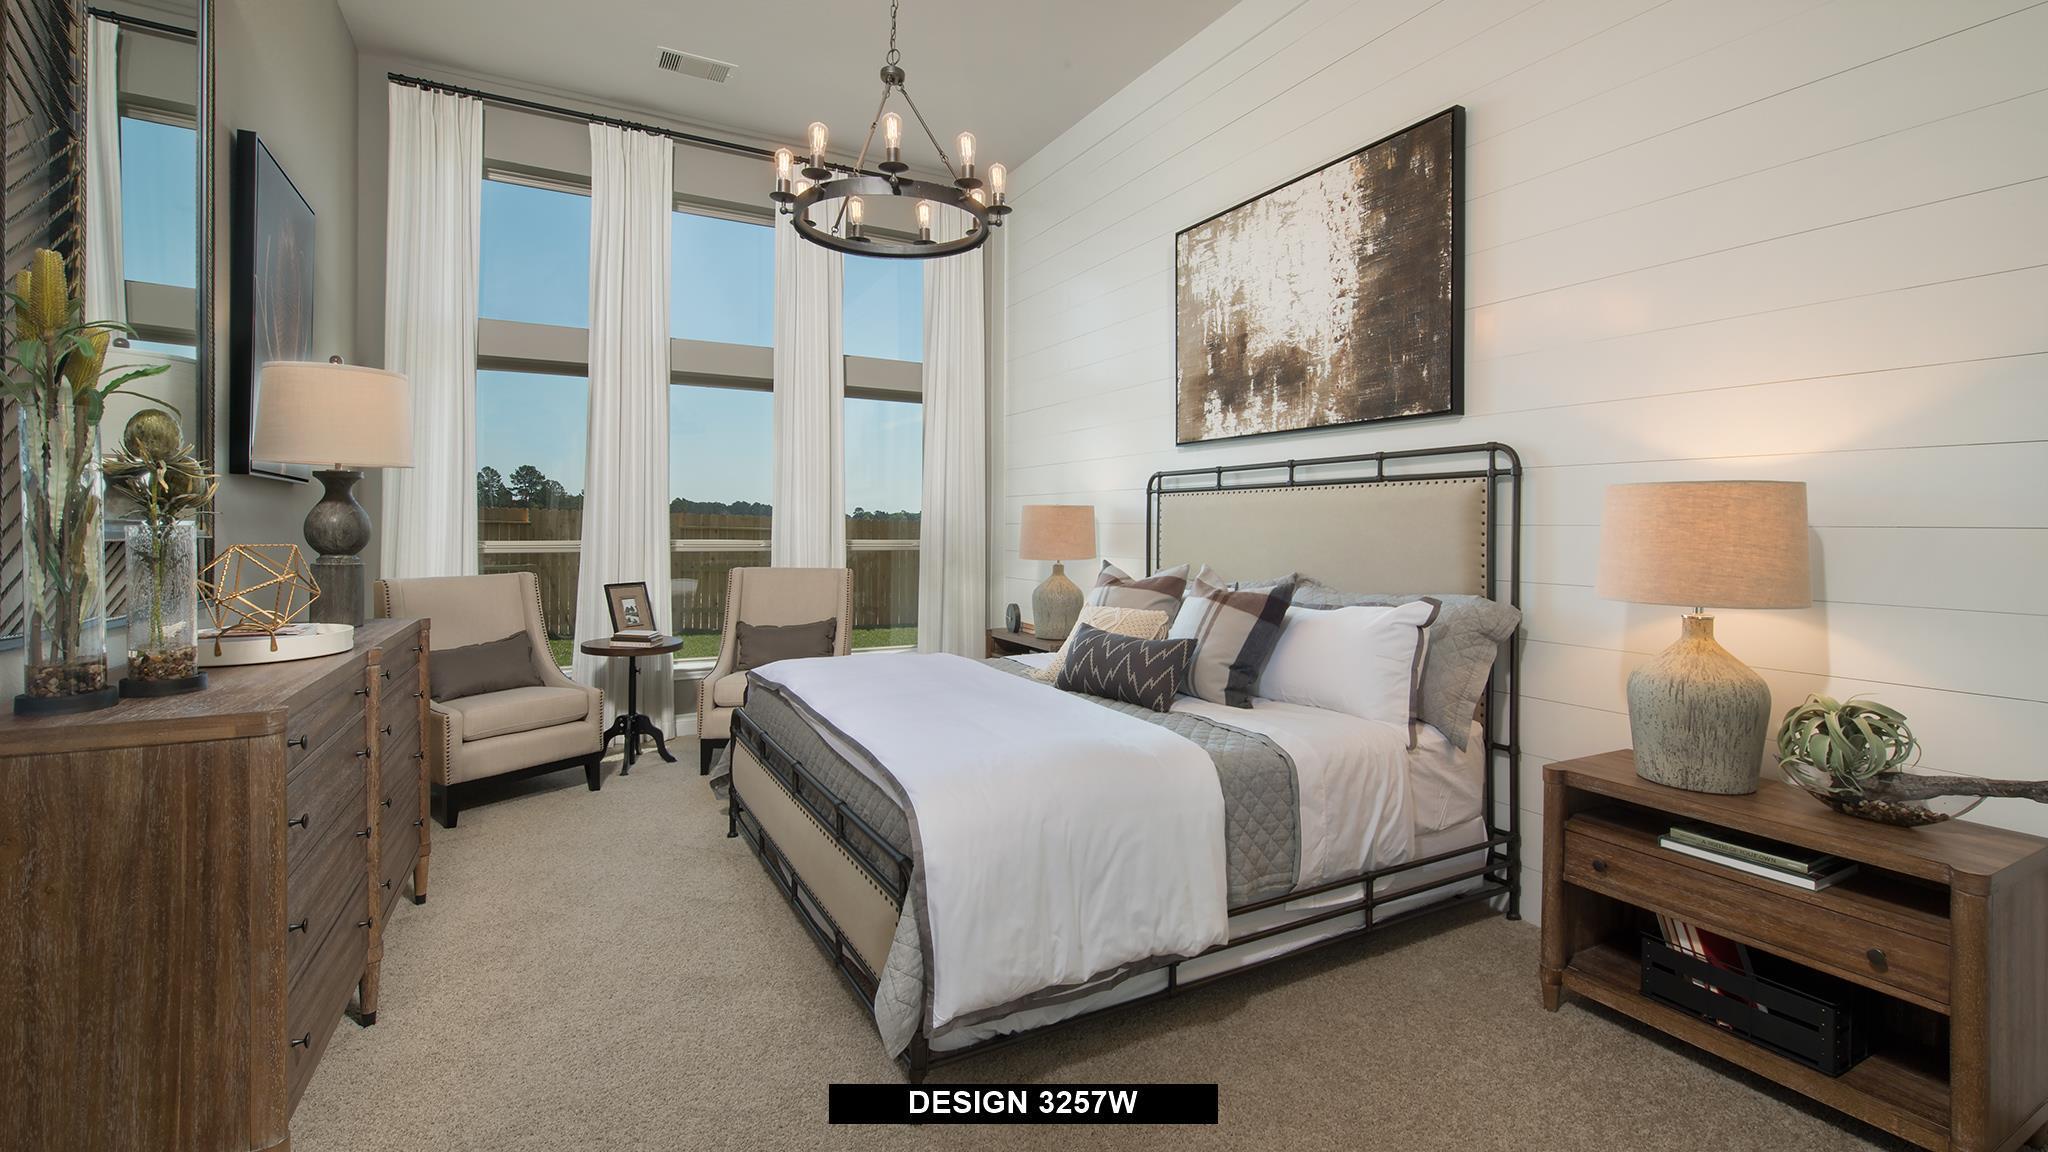 Bedroom-in-3257W-at-Veranda 65'-in-Richmond